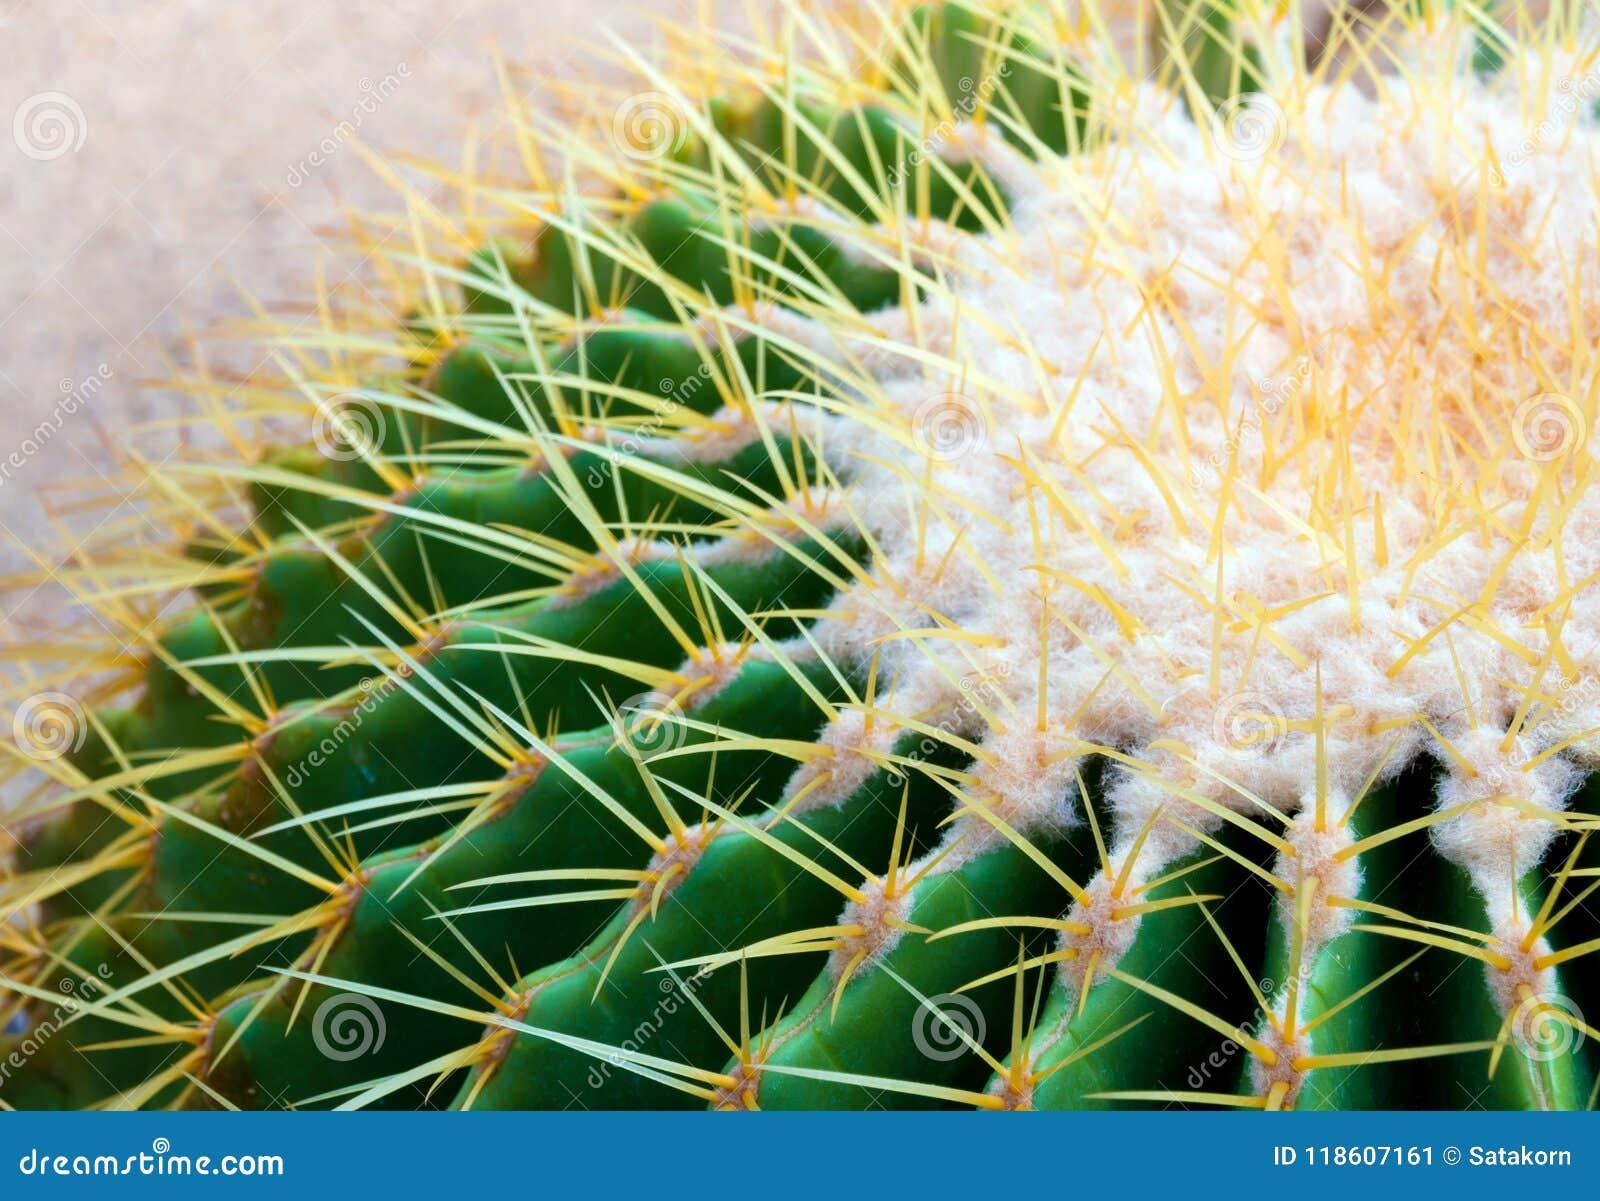 Cactus species Echinocactus grusonii, golden barrel cactus